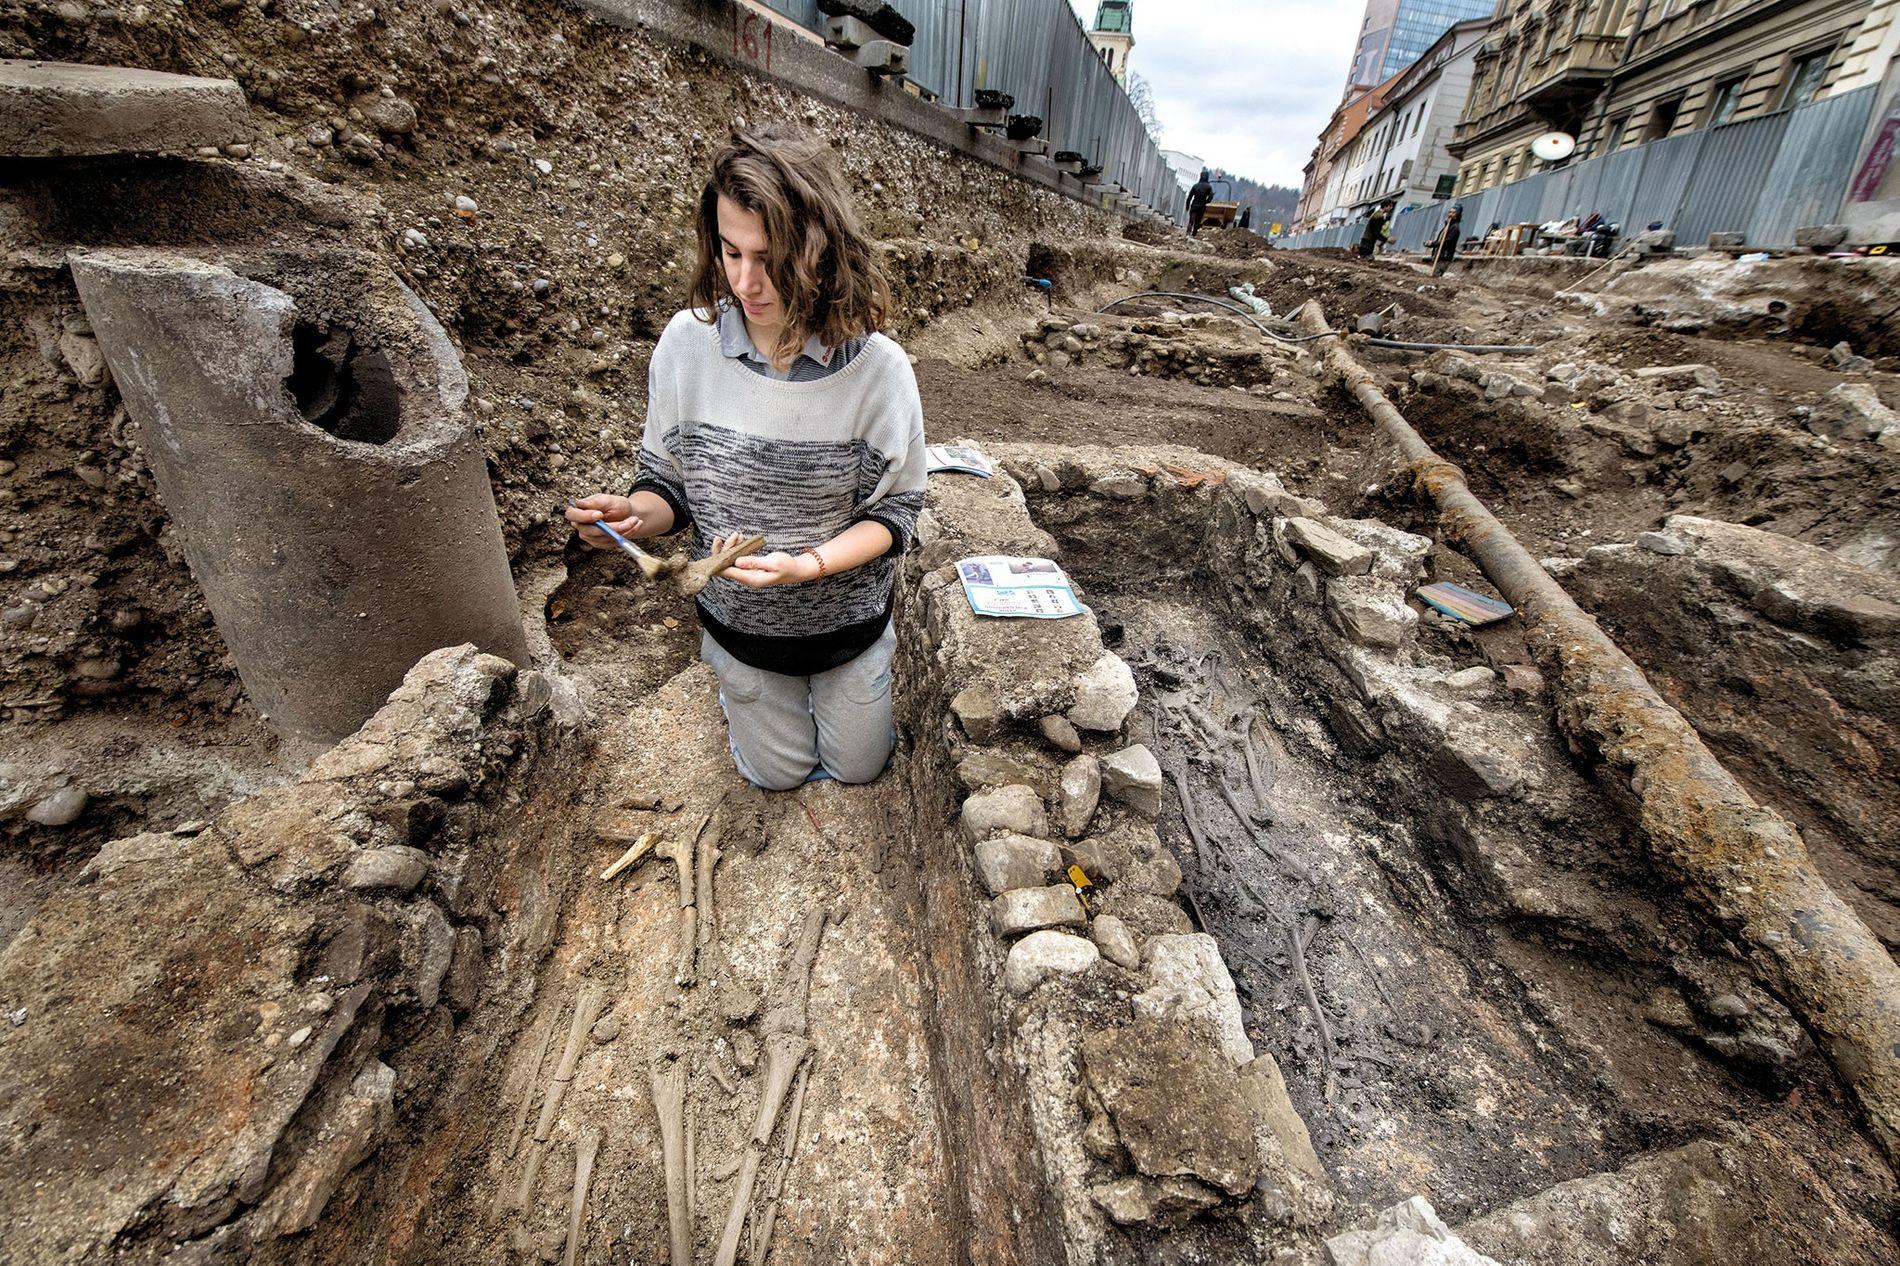 Las excavaciones debajo de la calle Gosposvetska en el centro de Ljubljana revelaron restos del asentamiento ...